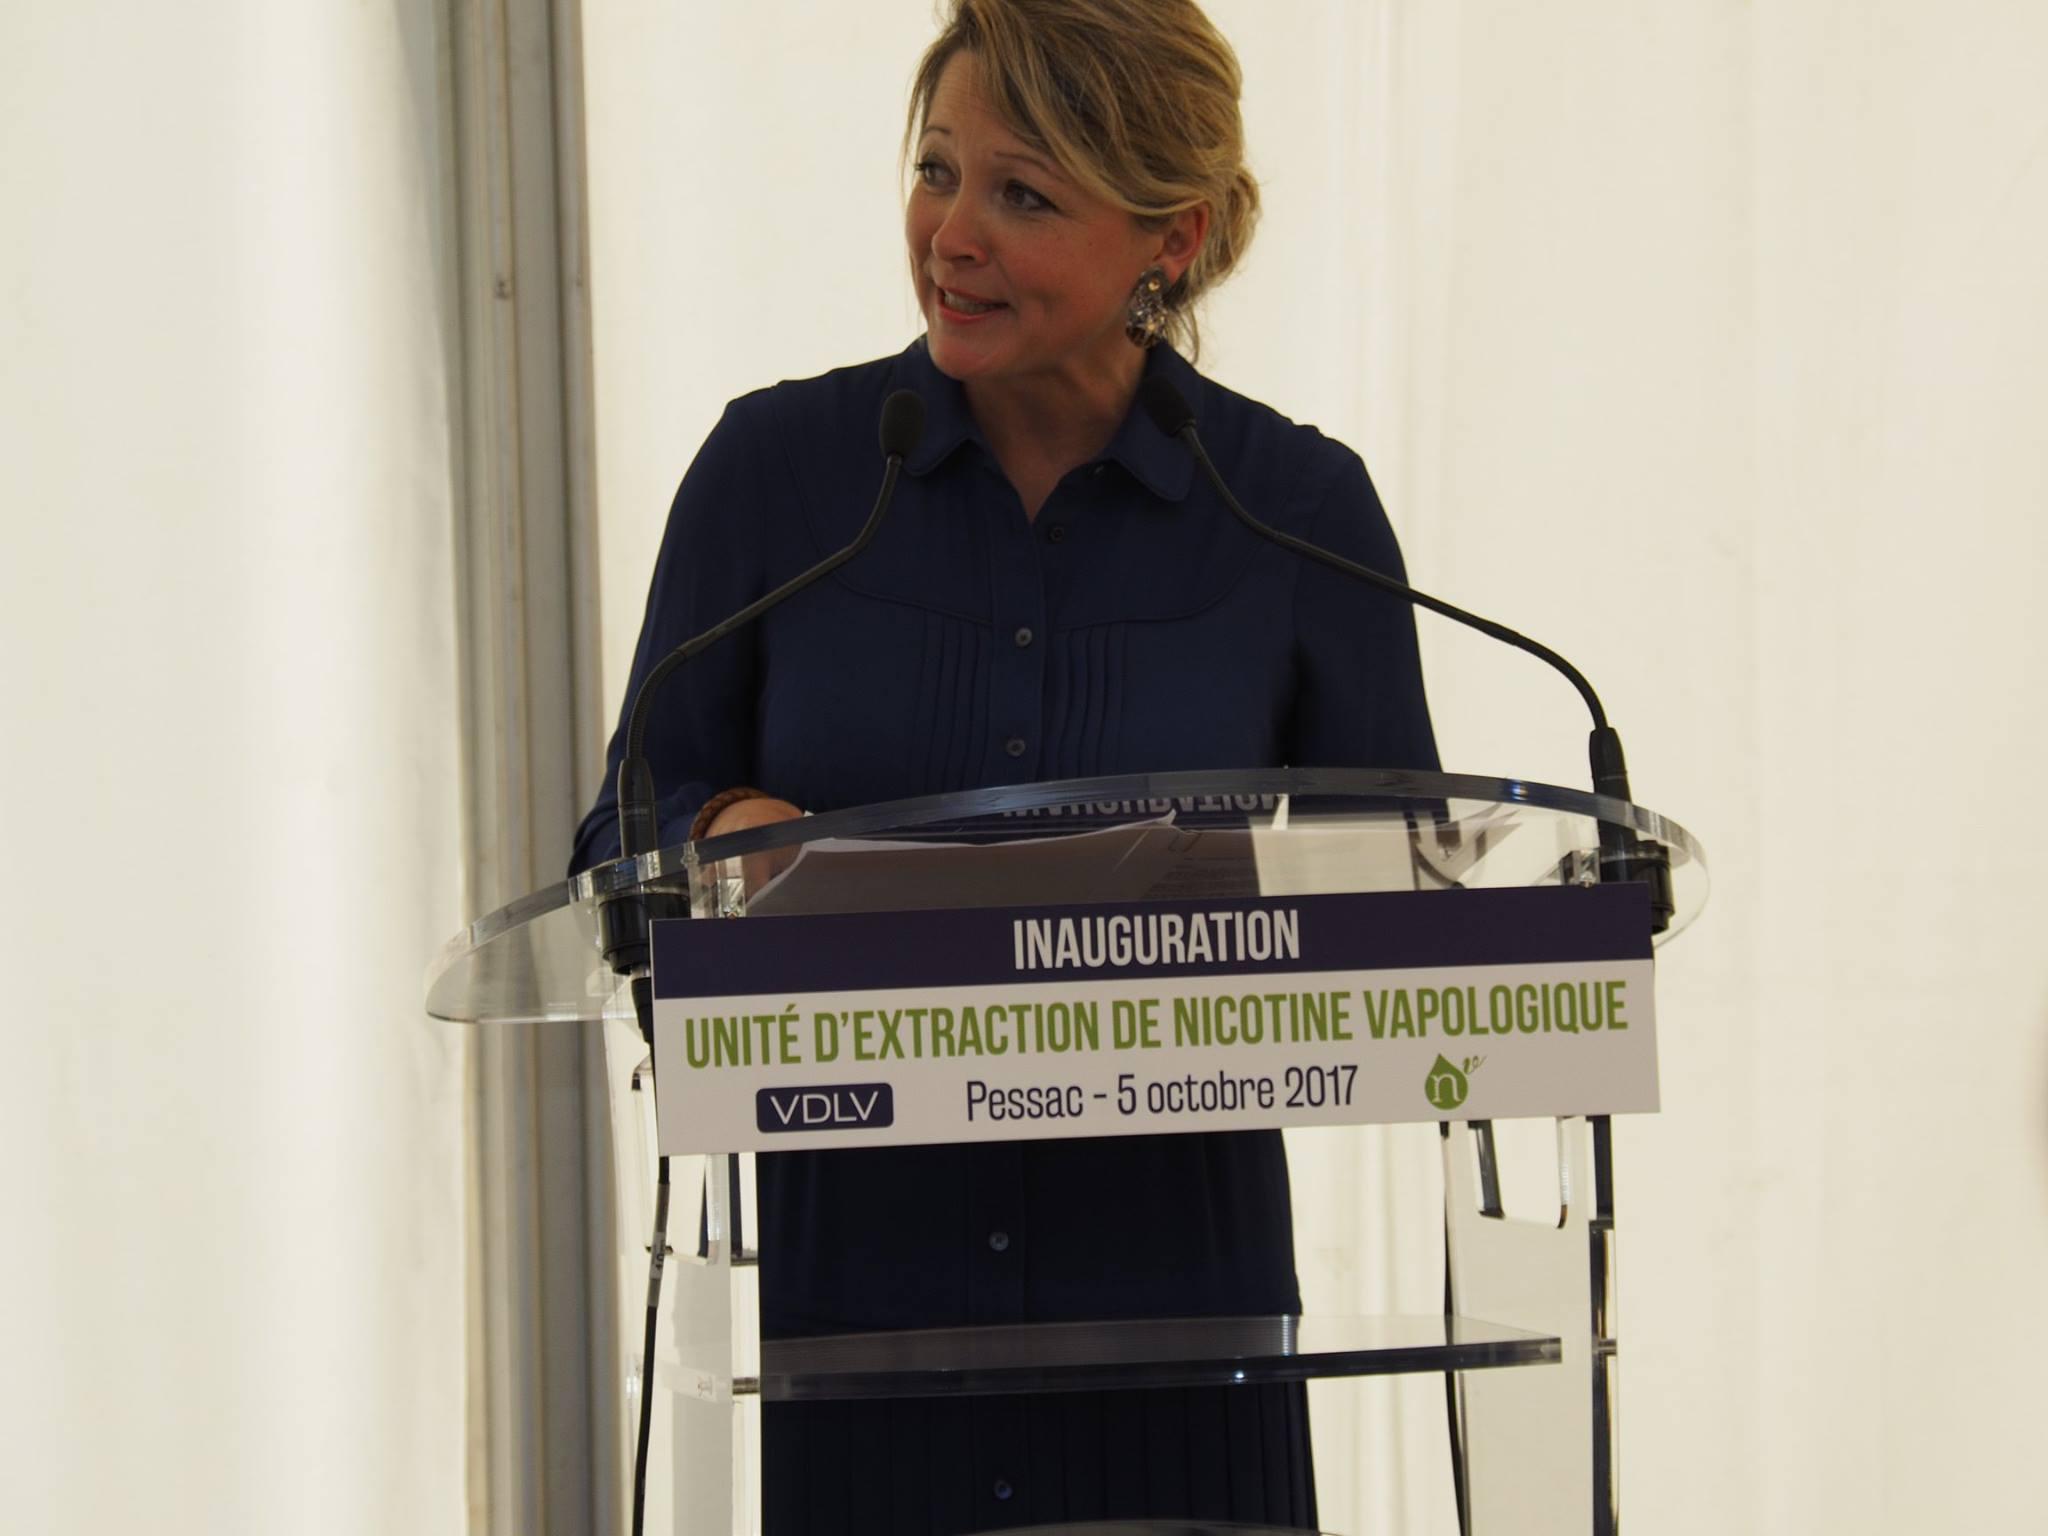 Discours d'Anne-Laure Bedu, Conseillère Régionale de la Région Nouvelle-Aquitaine